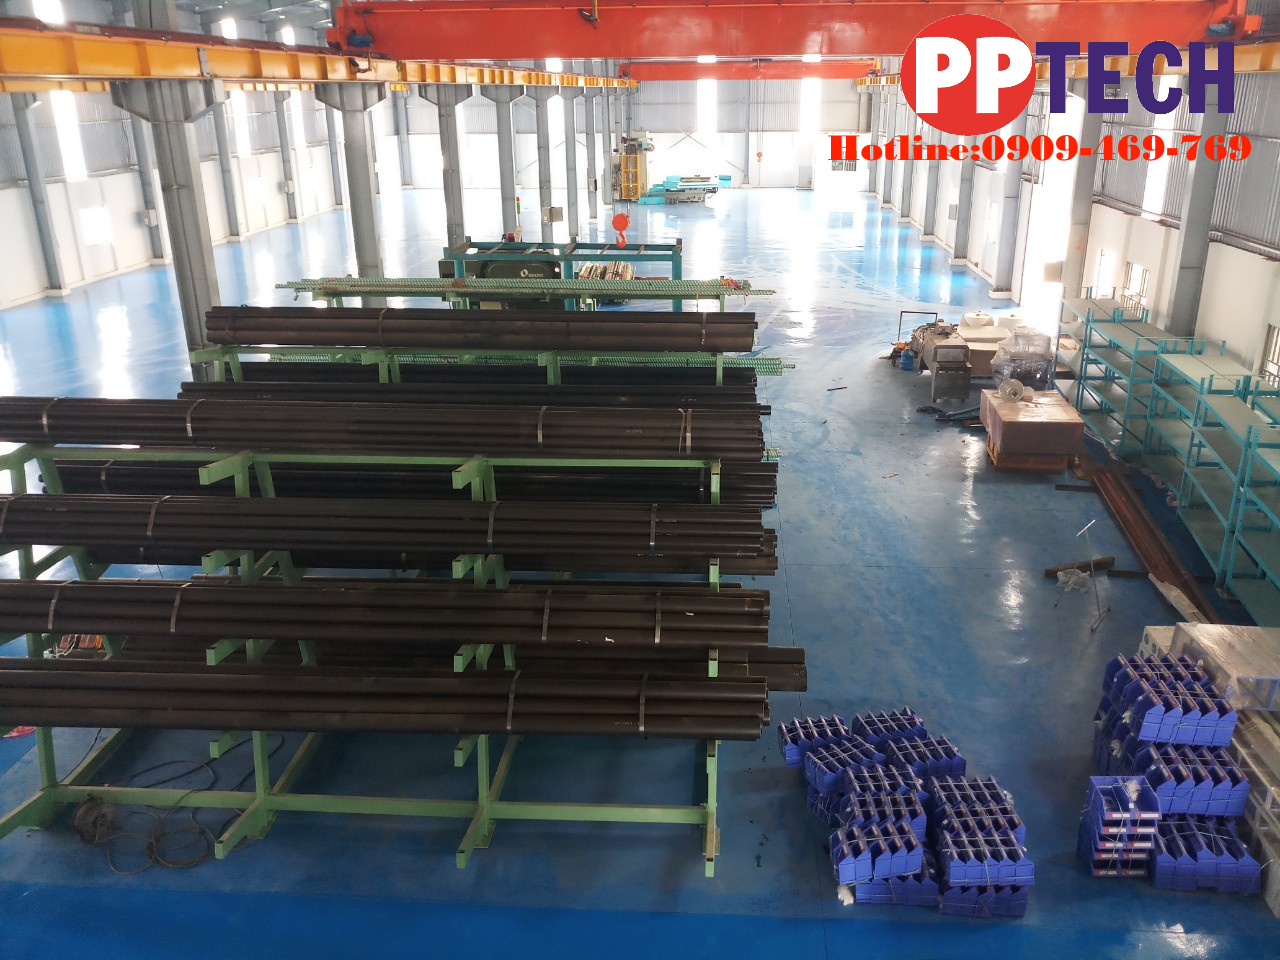 Sơn epoxy hệ lăn epoxy cho sàn nhà máy